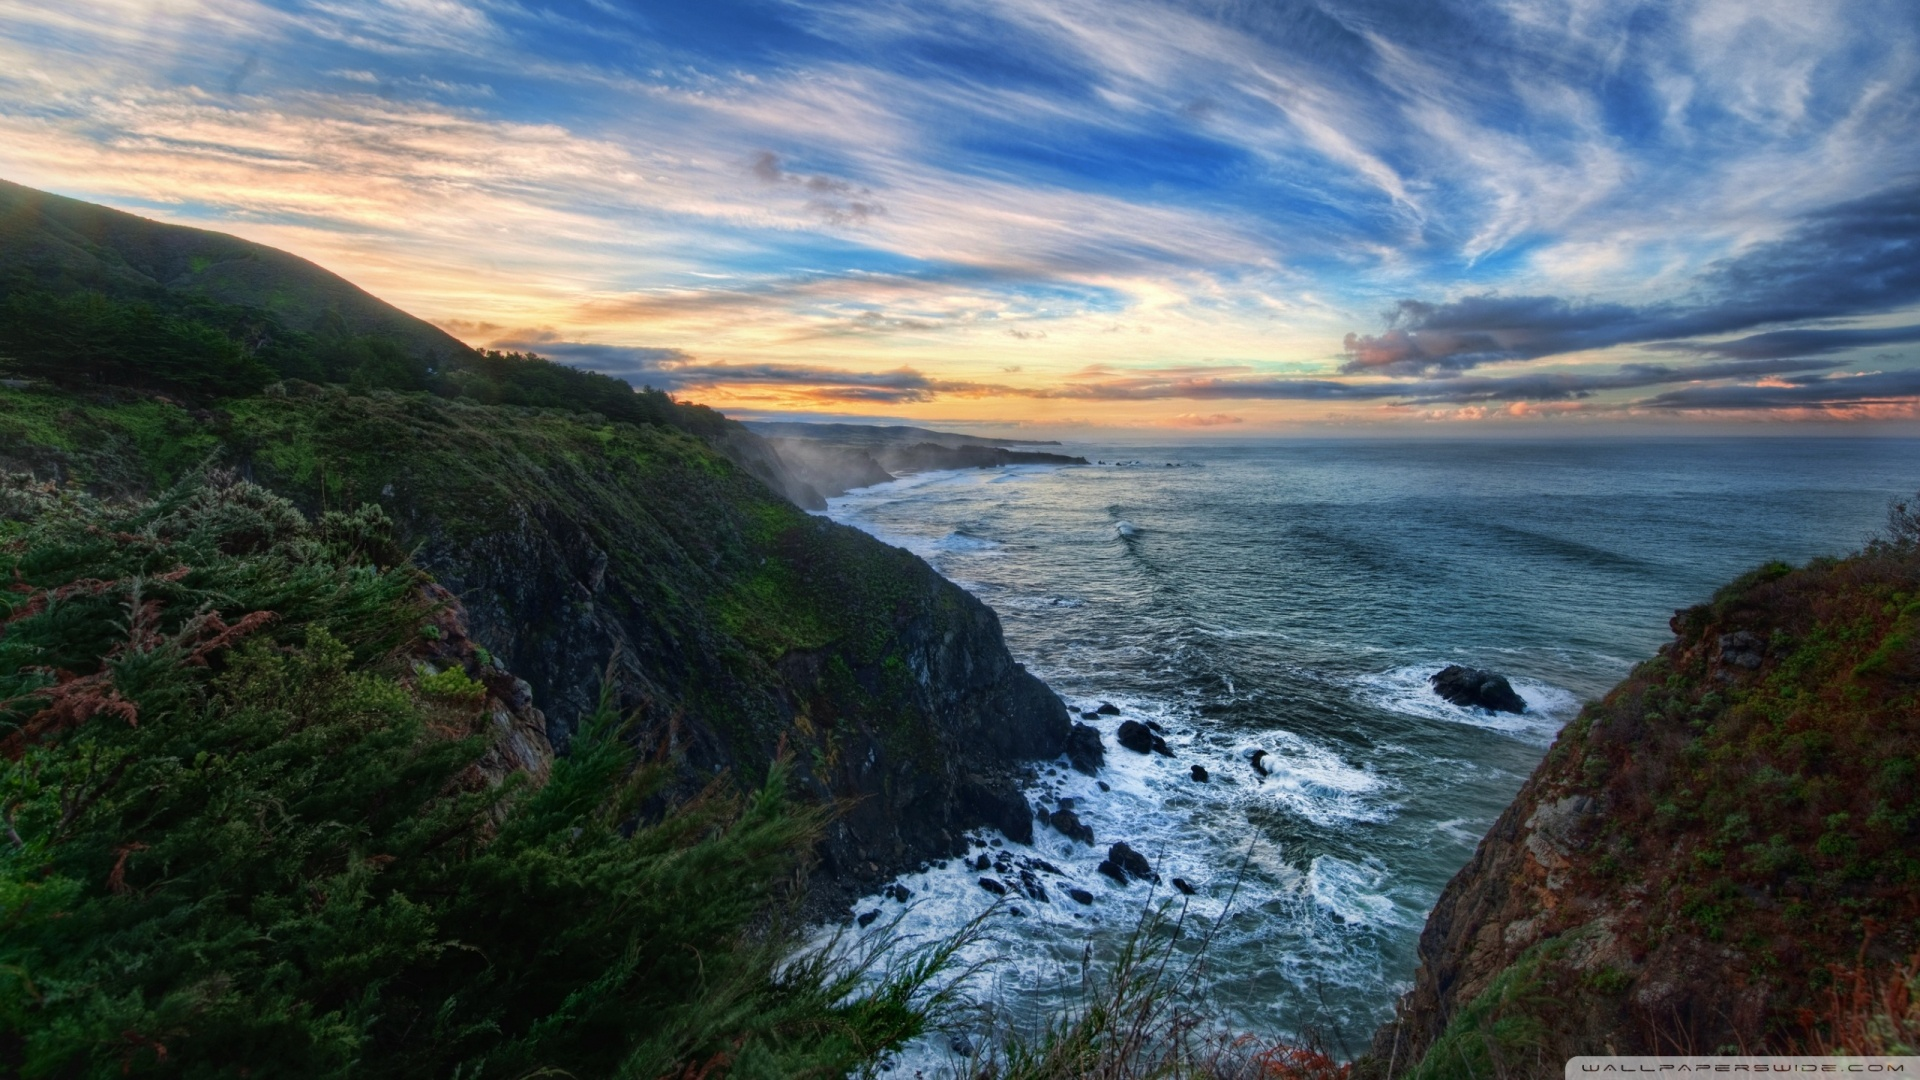 Download Spectacular Ocean View Wallpaper 1920x1080 ...